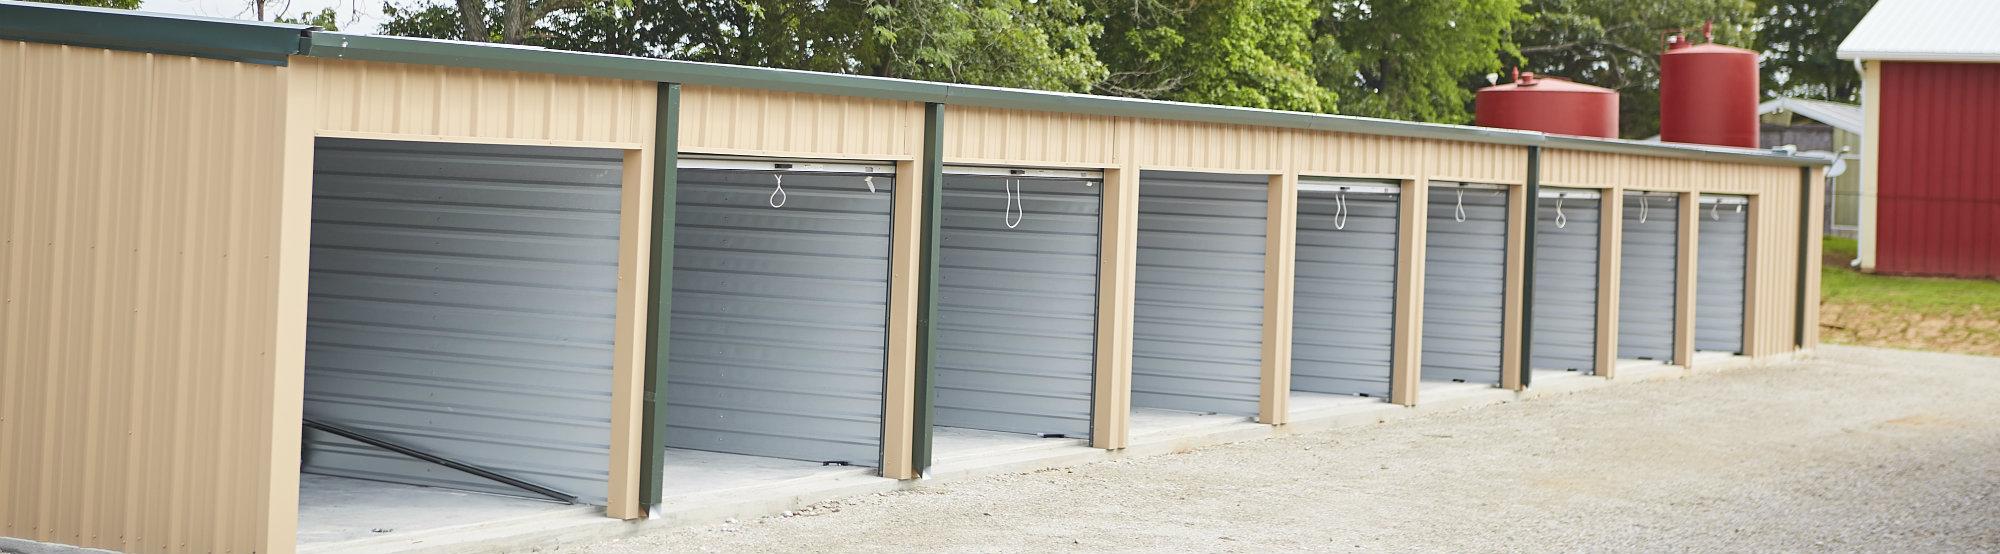 Open Storage Doors